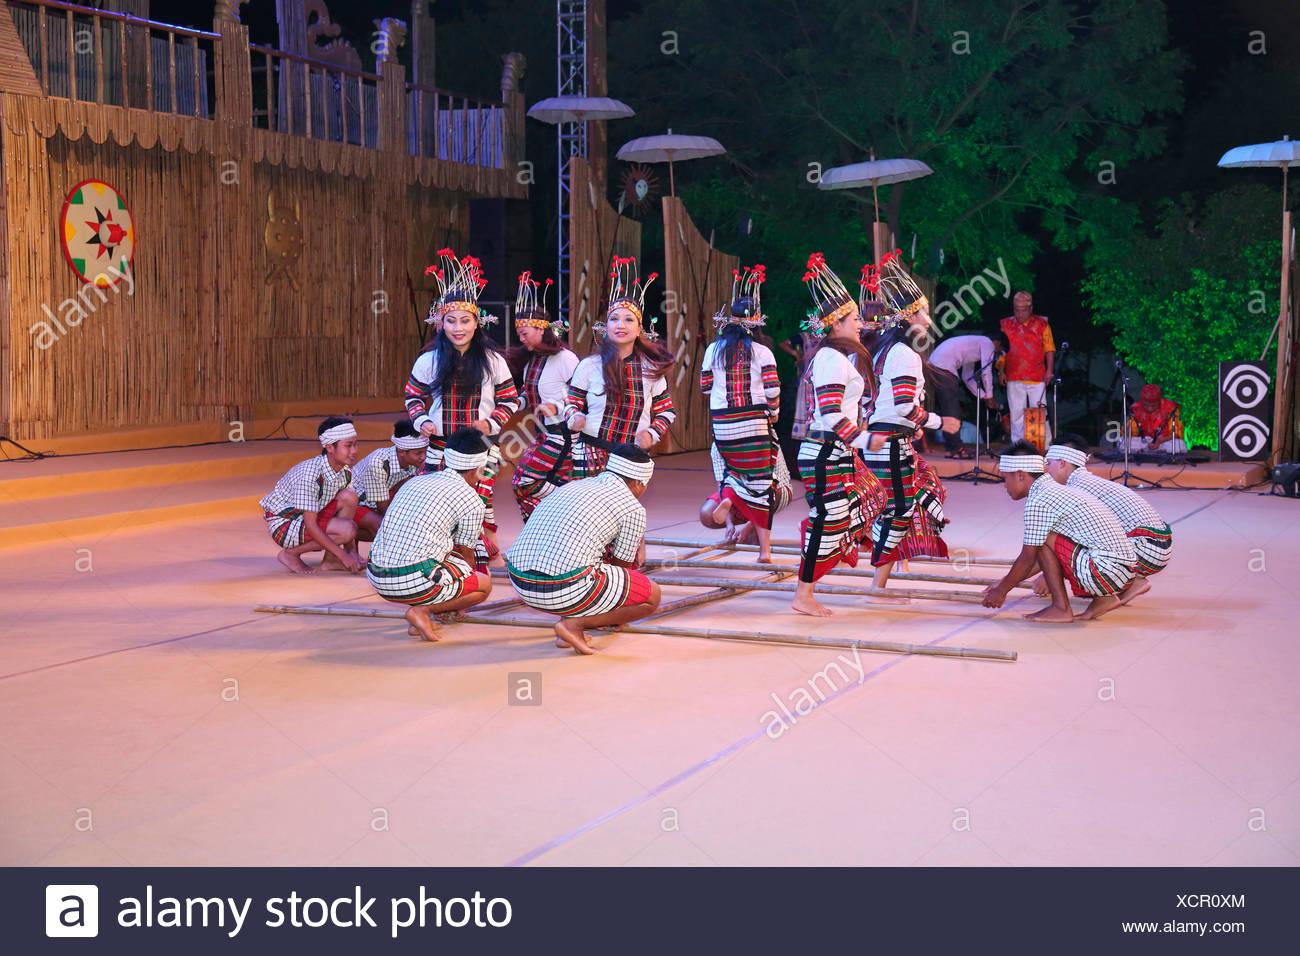 Mizoram Tribal TänzerInnen traditionelle Cheraw Tanz (Bambus-Tanz). Farbenfrohe und unverwechselbare Tanz der Mizos charakterisiert durch die Stockbild